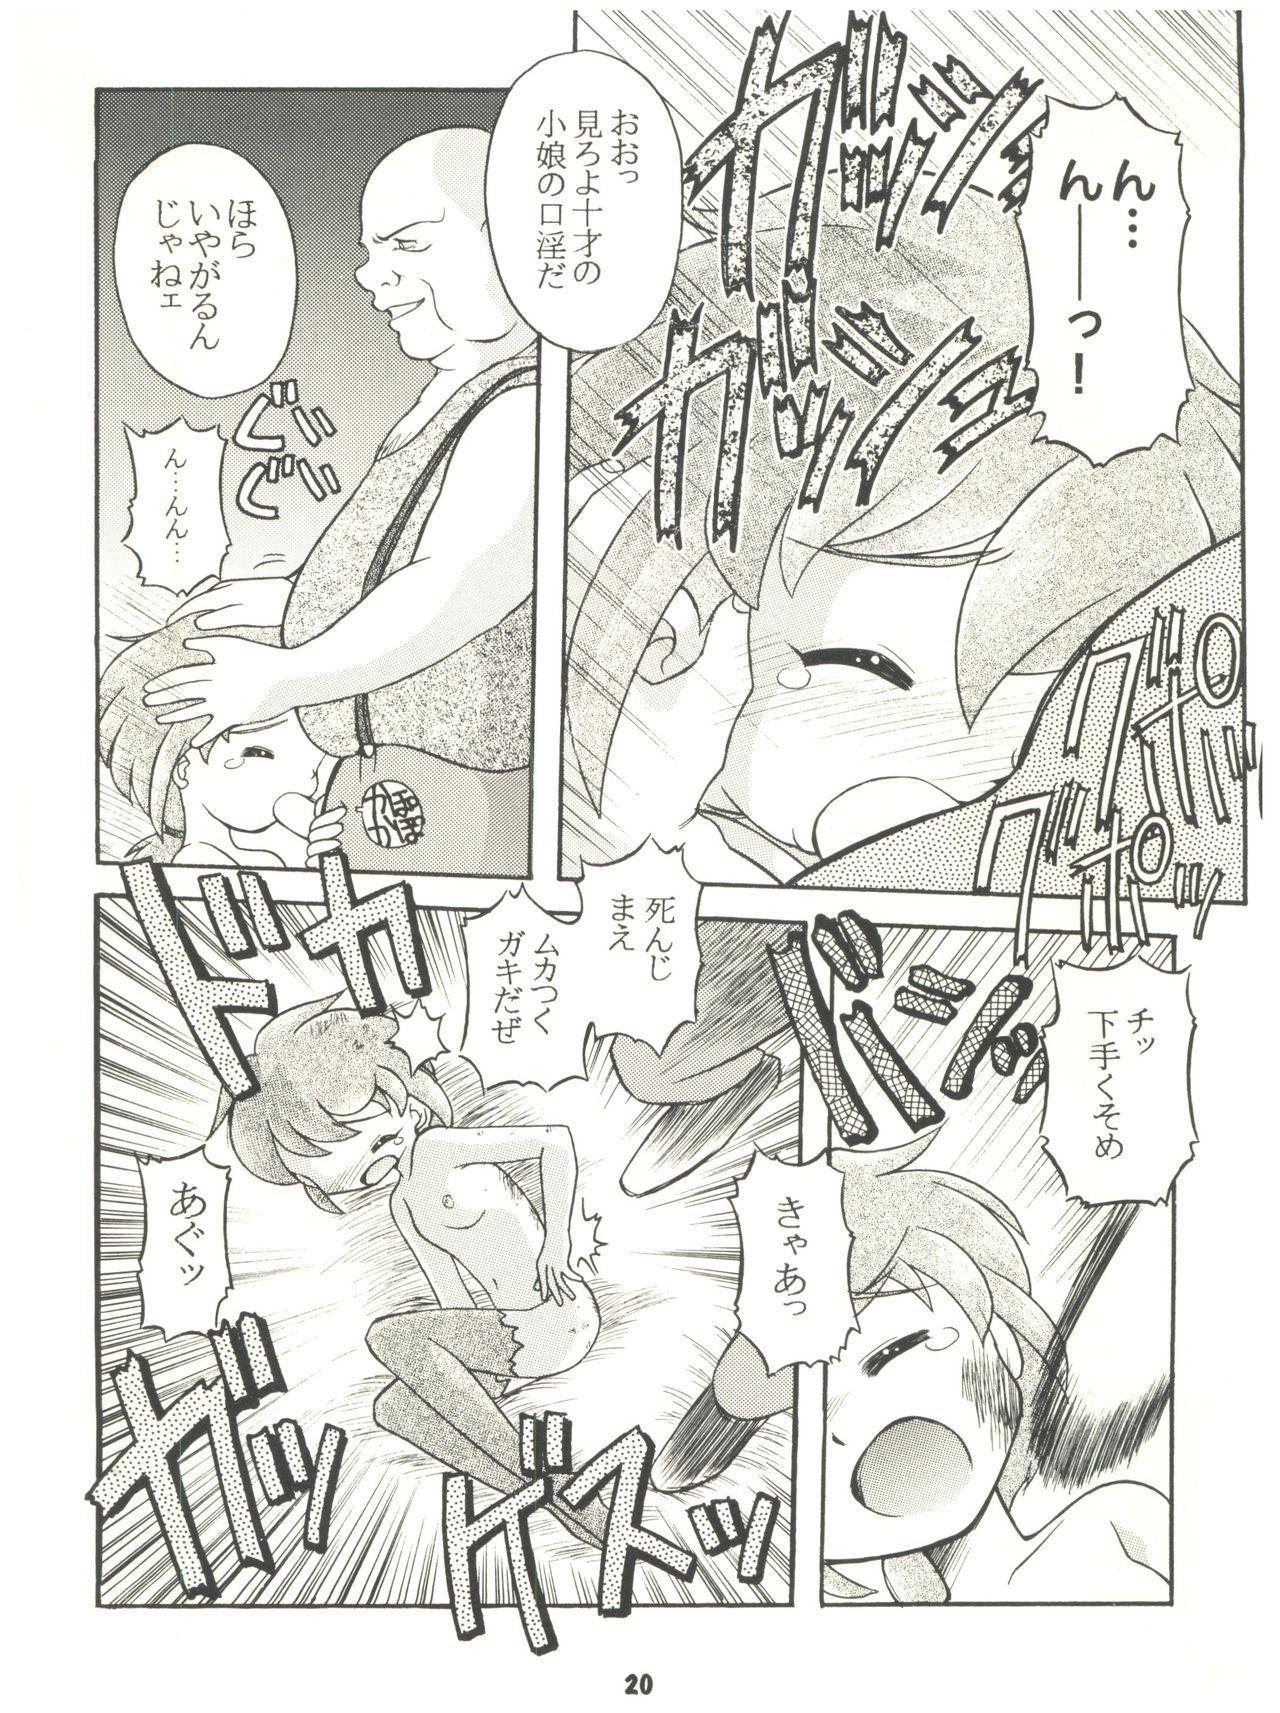 [Sairo Publishing (J. Sairo) En-Jack 2 (Various) 19